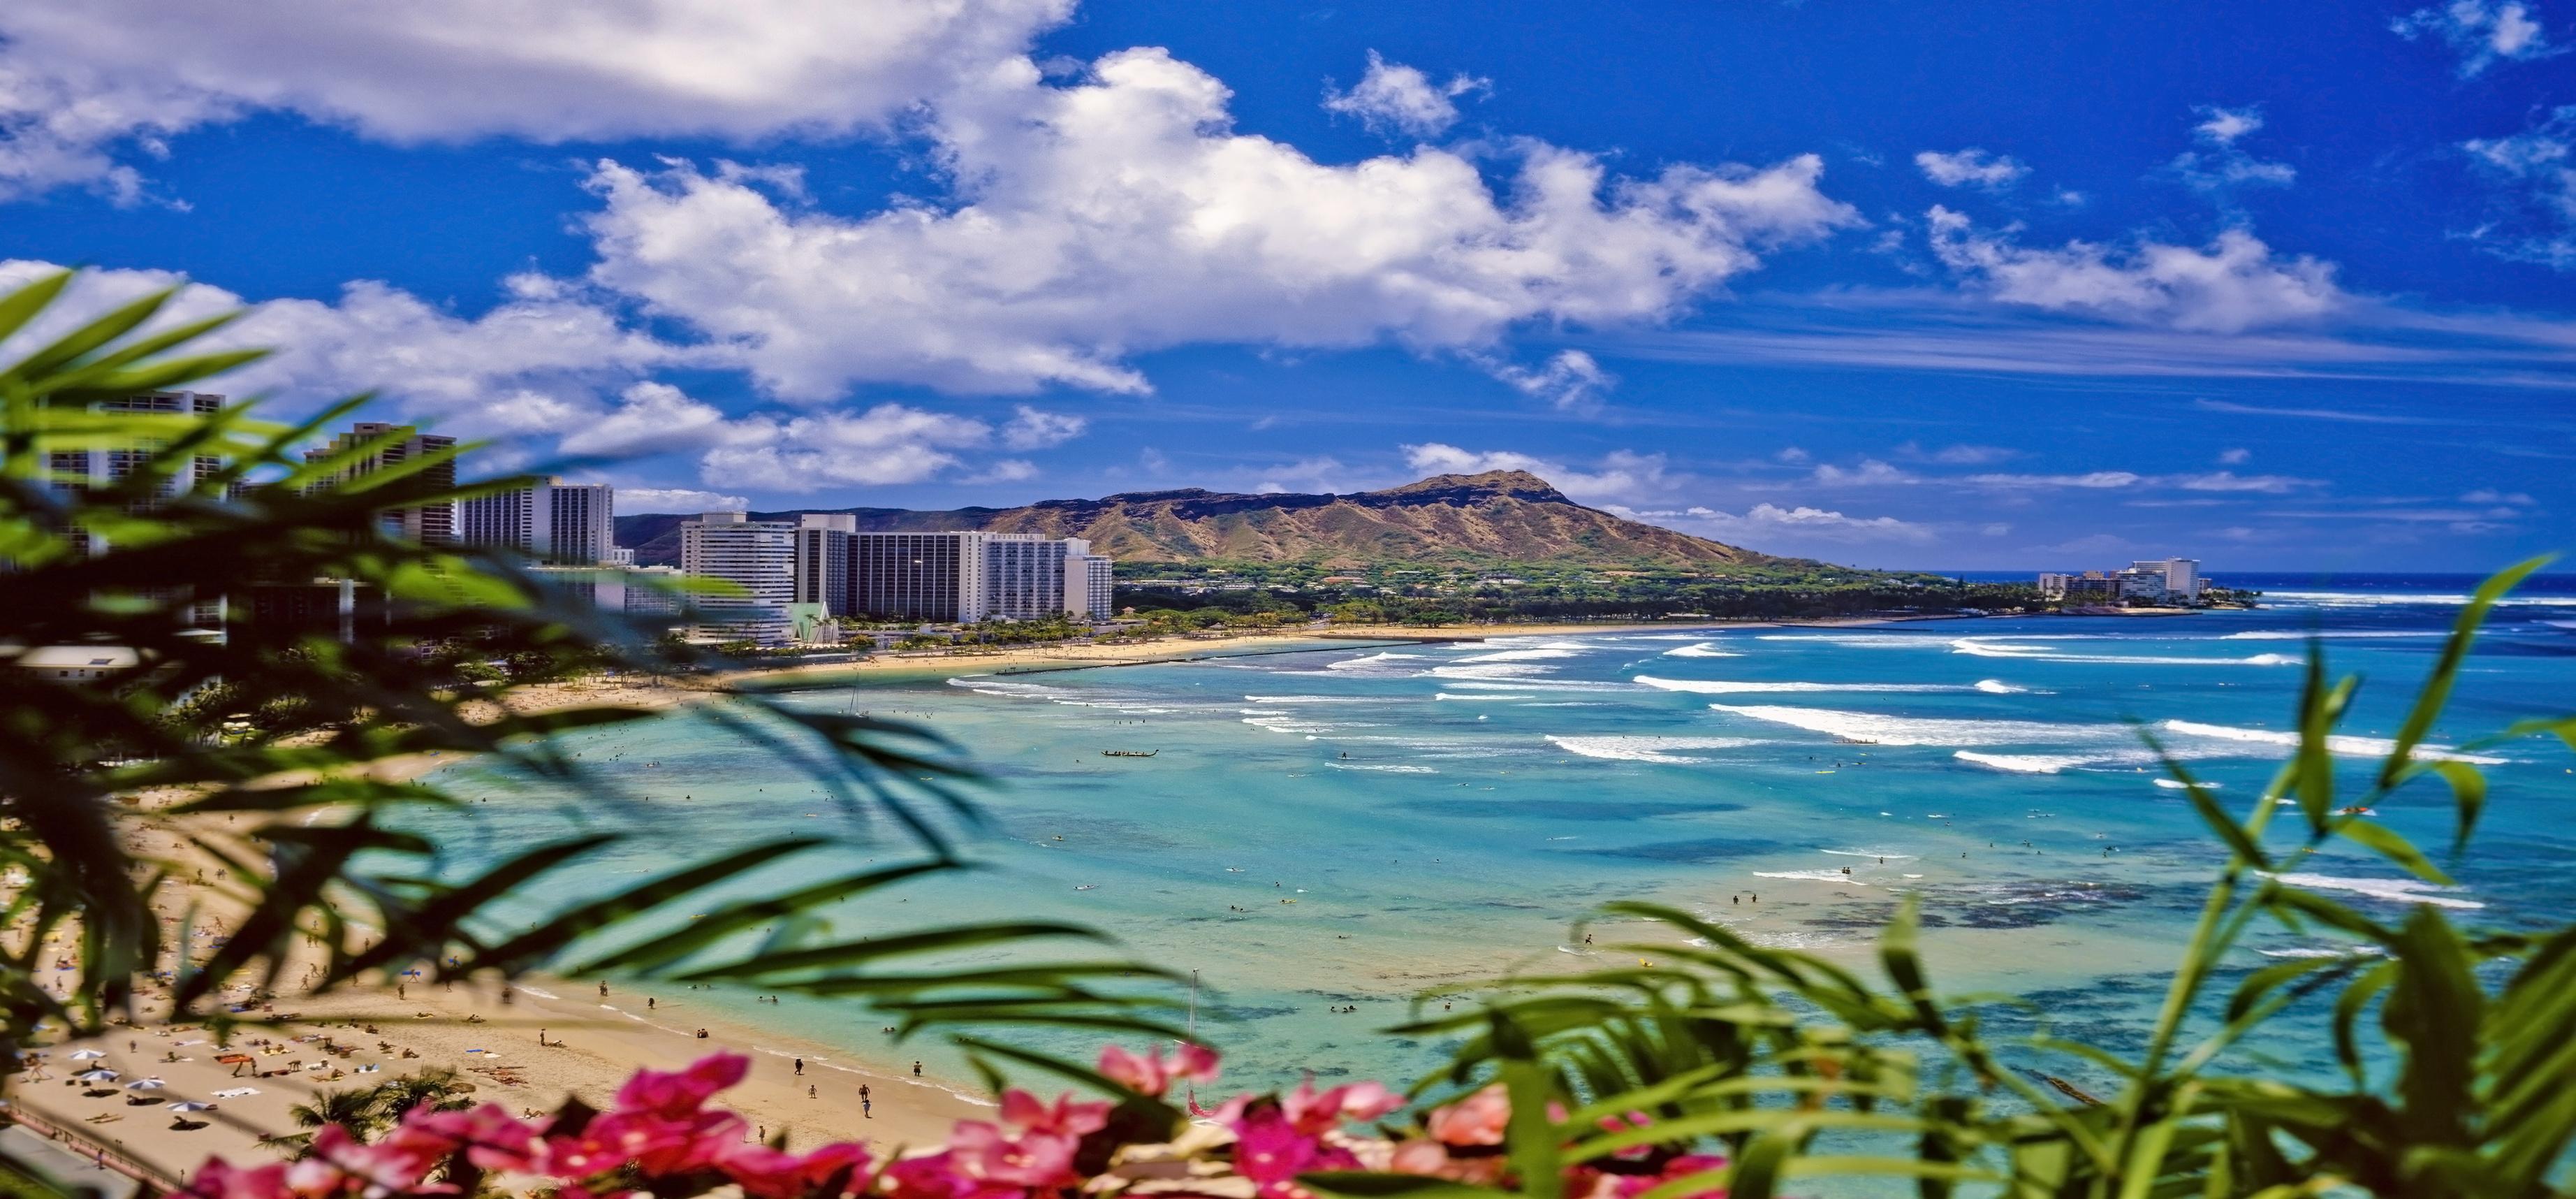 Kaanapali Beach Rentals - Hawaii